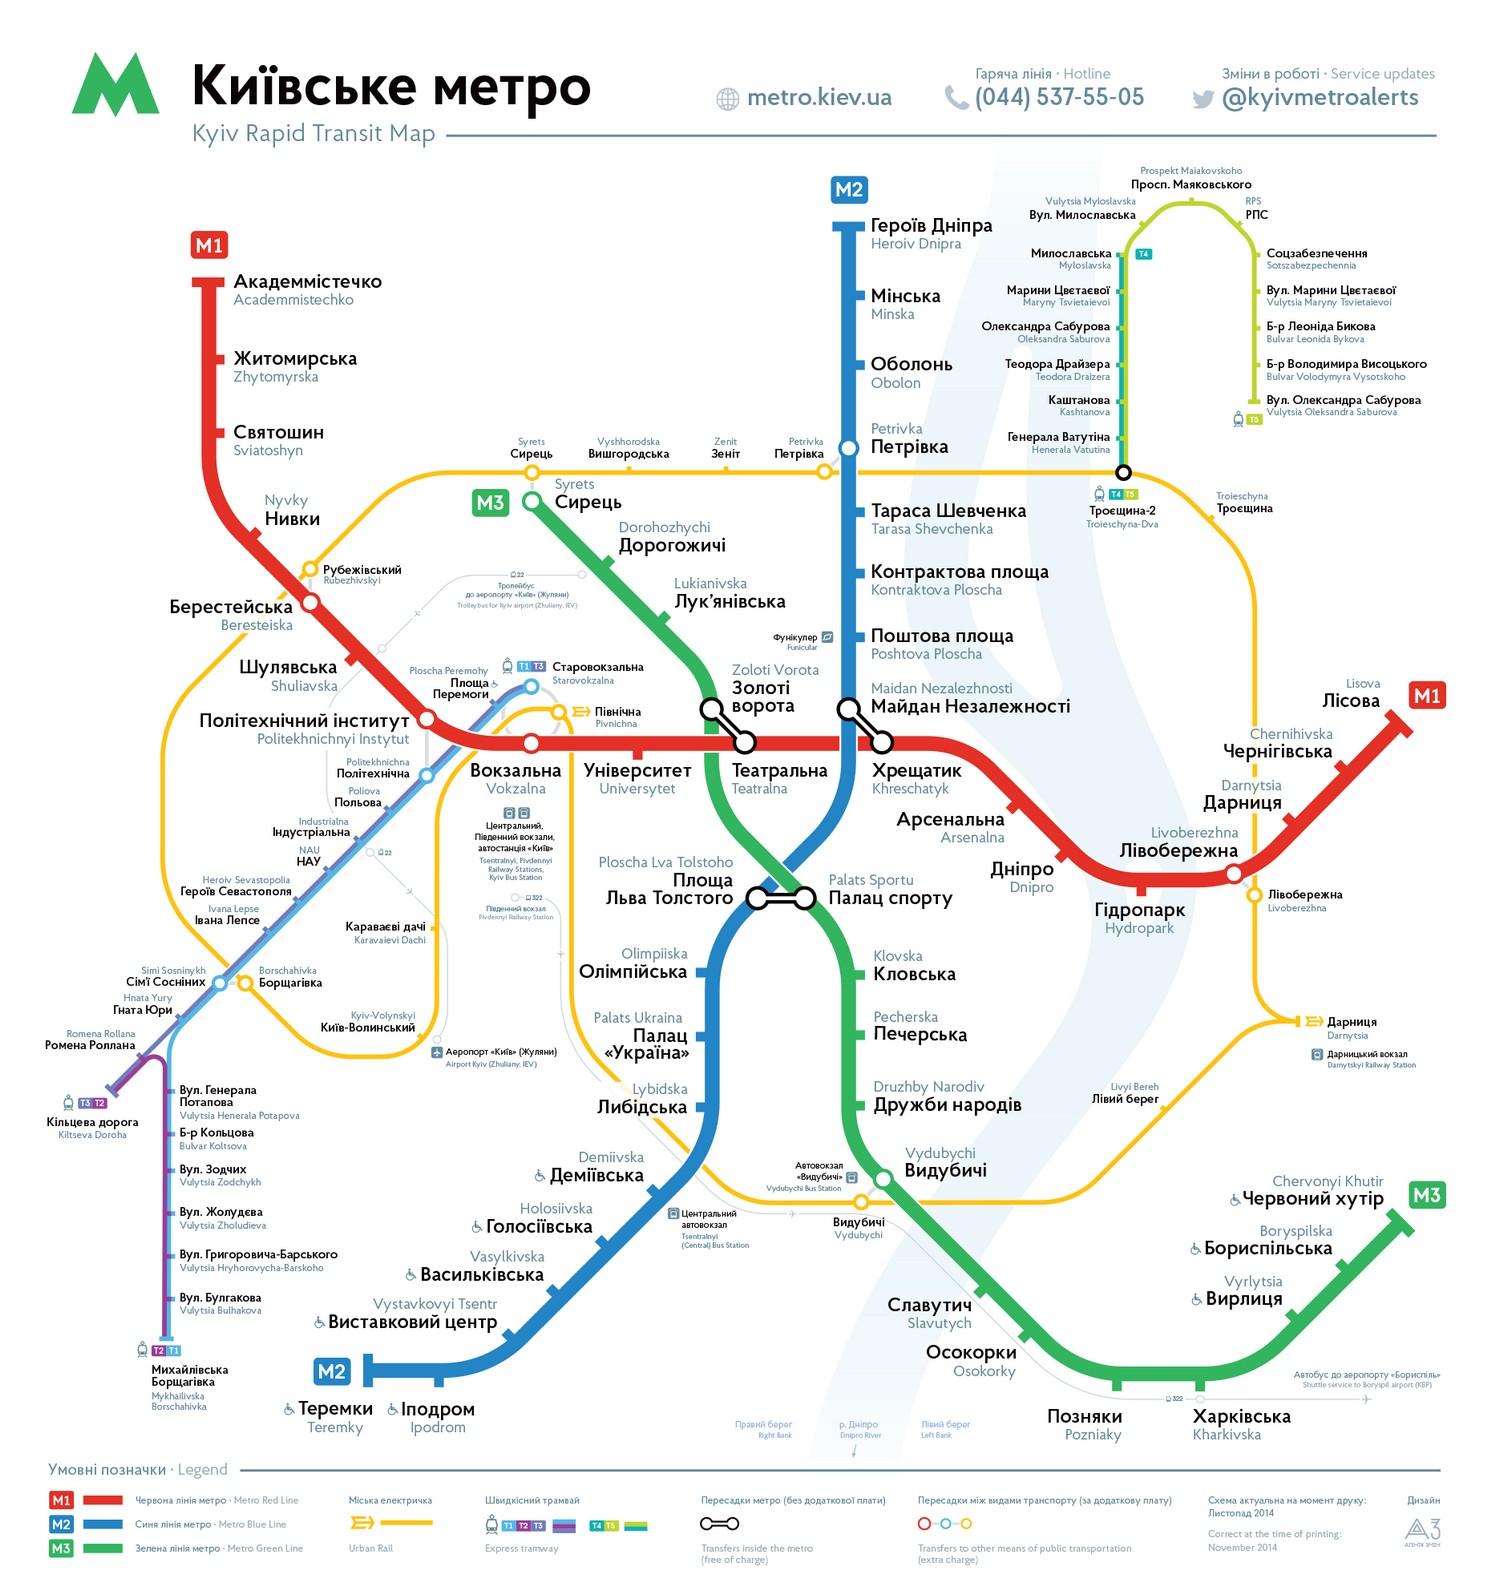 Список станций алма-атинского метрополитена — википедия.